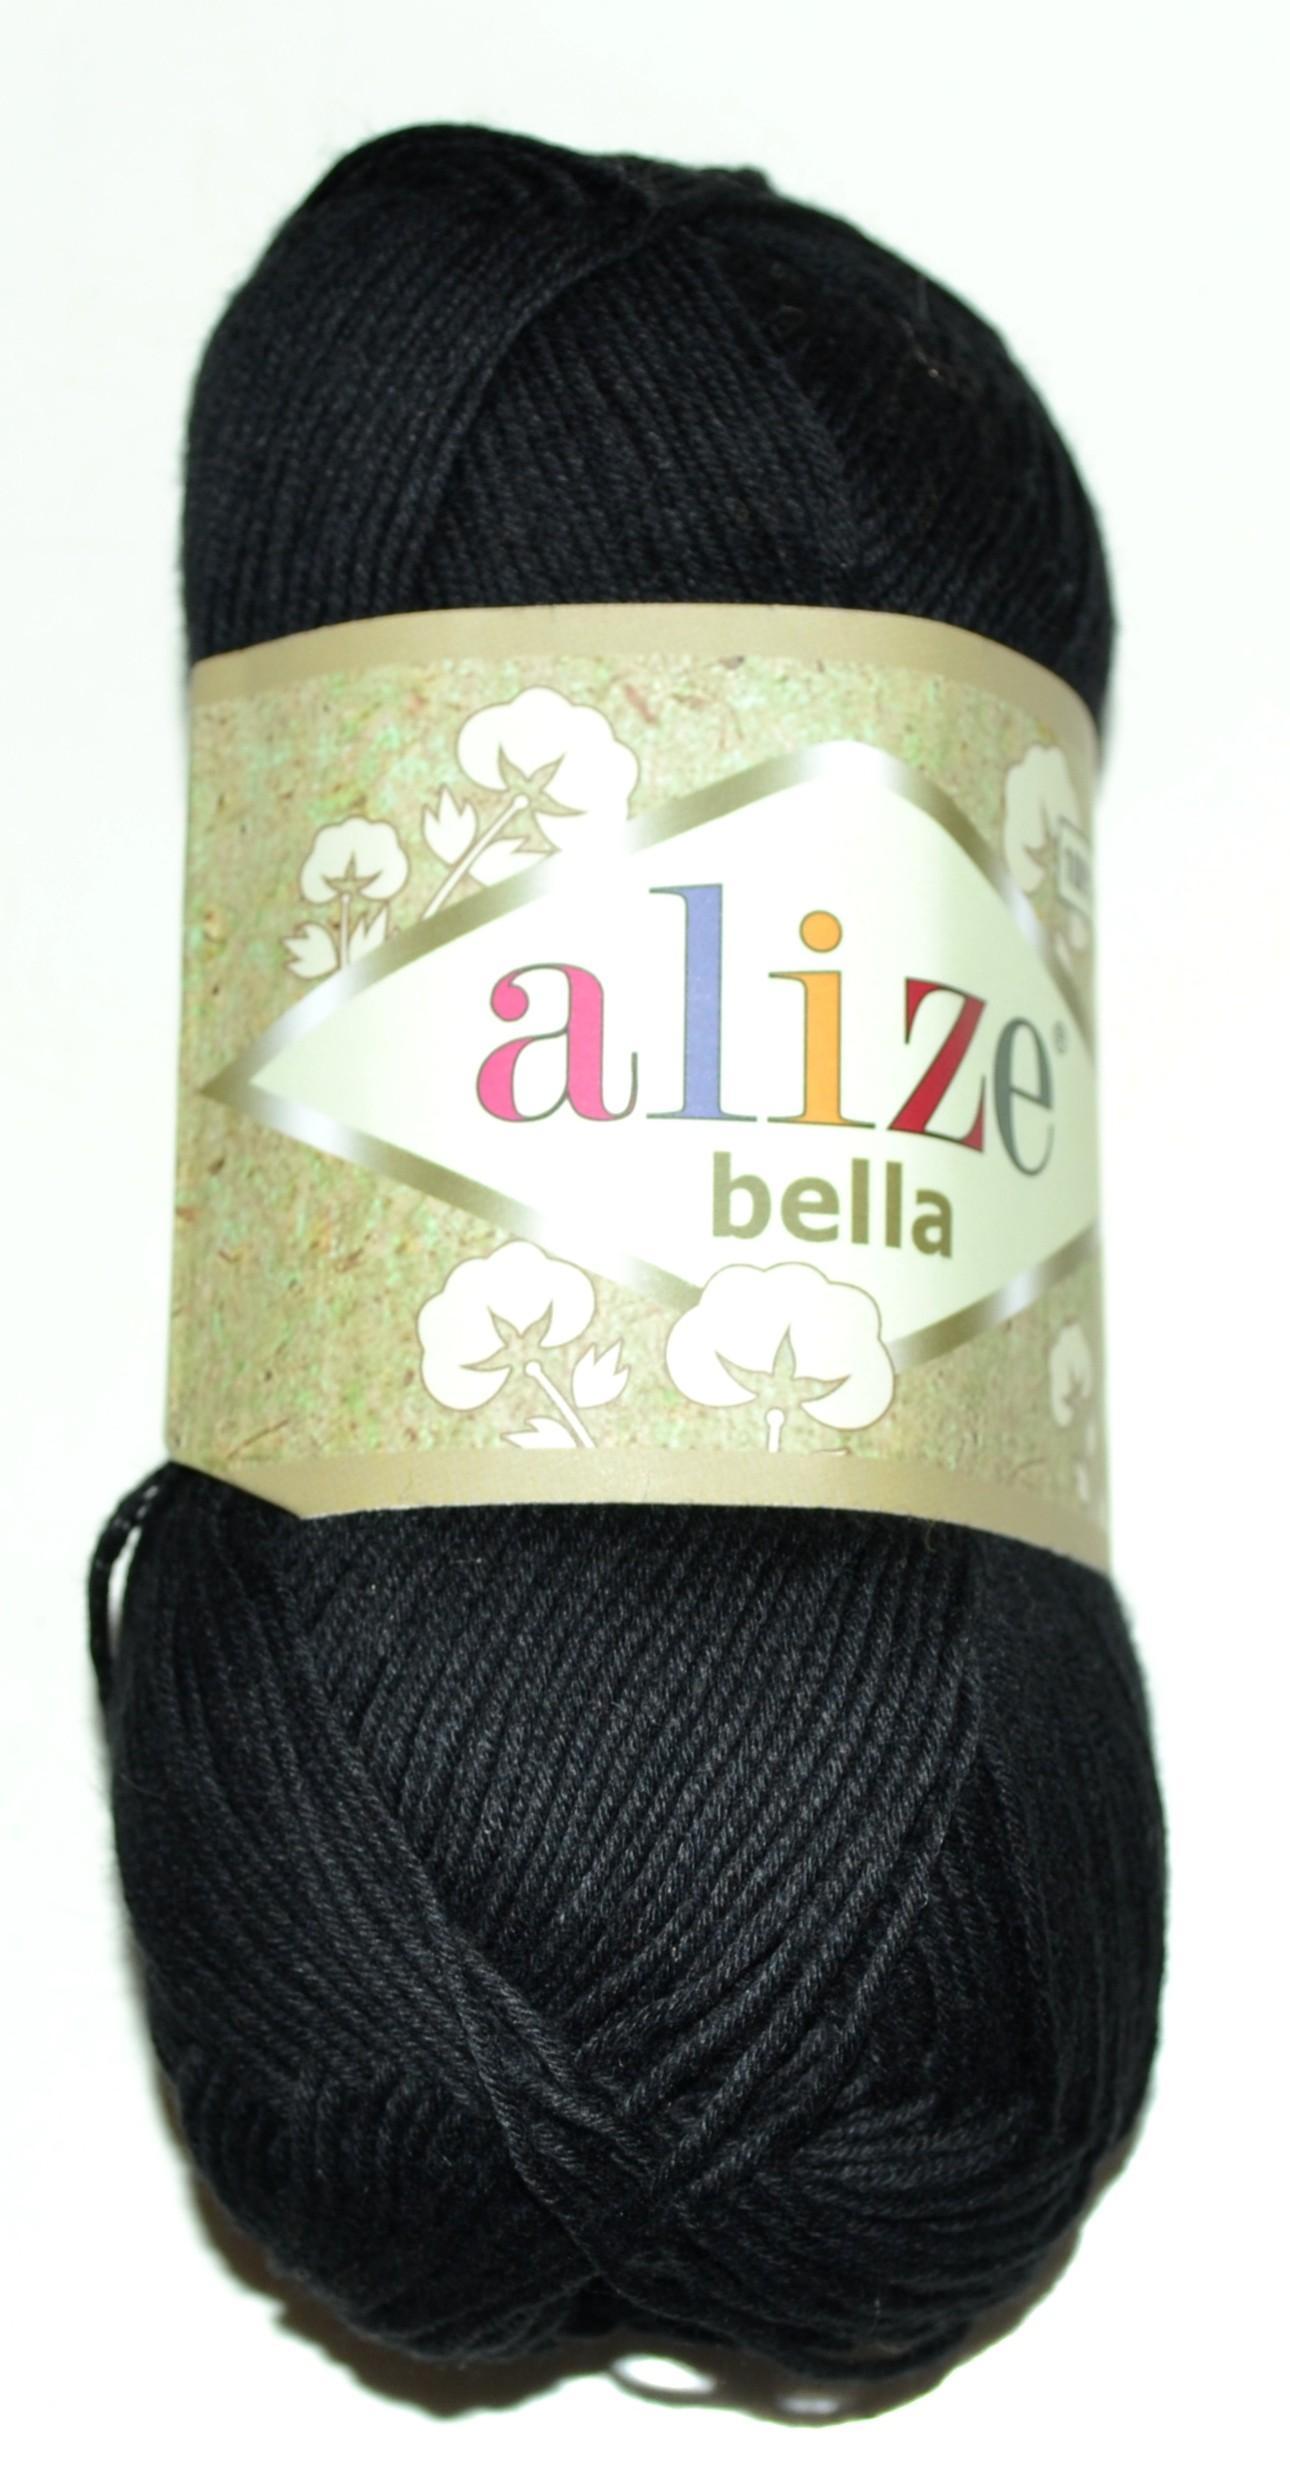 ebd7799e97b Купить ПРЯЖА ALIZE BELLA черный в интернет-магазине Домалетто ...